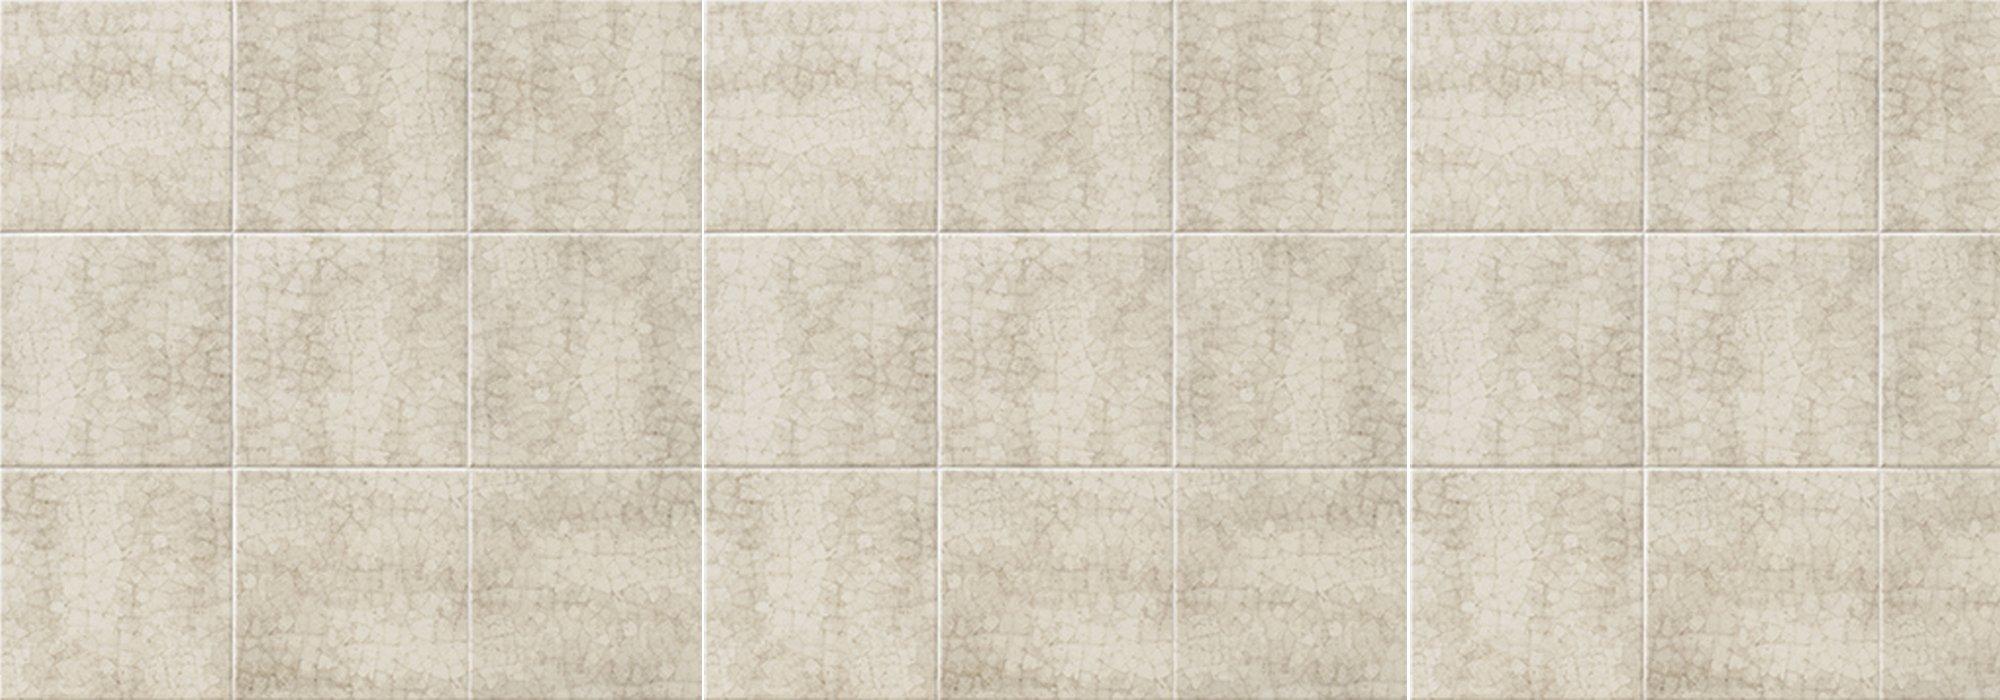 אריח קרמיקה אופורטו לבן 20*20 by Milstone